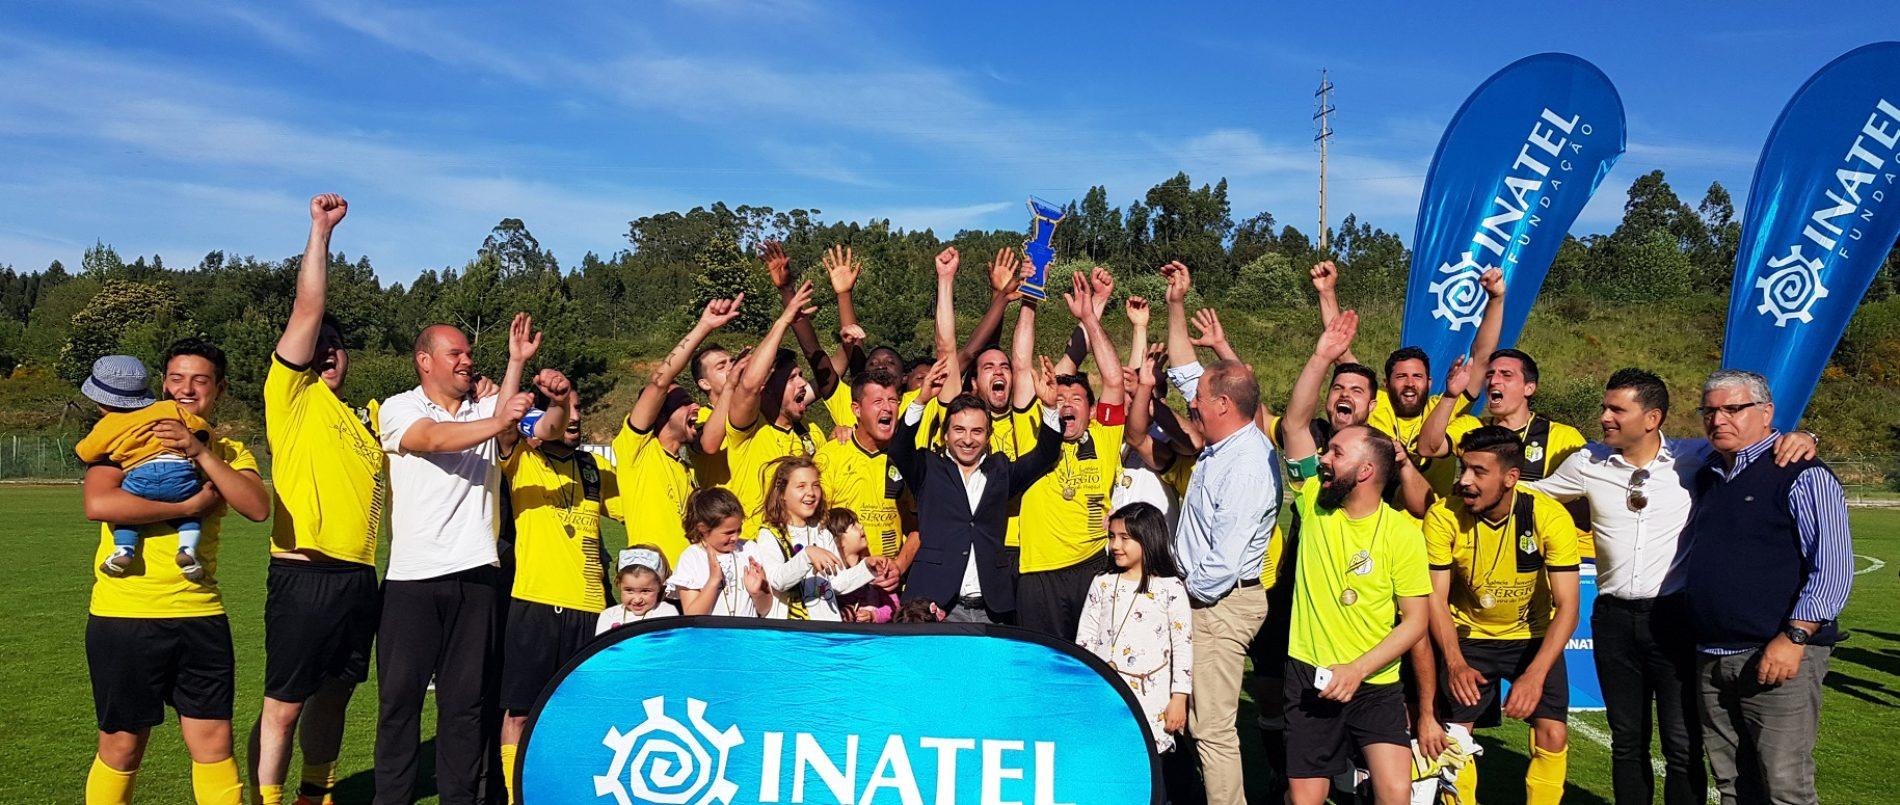 INATEL vai premiar mérito em Gala do Desporto